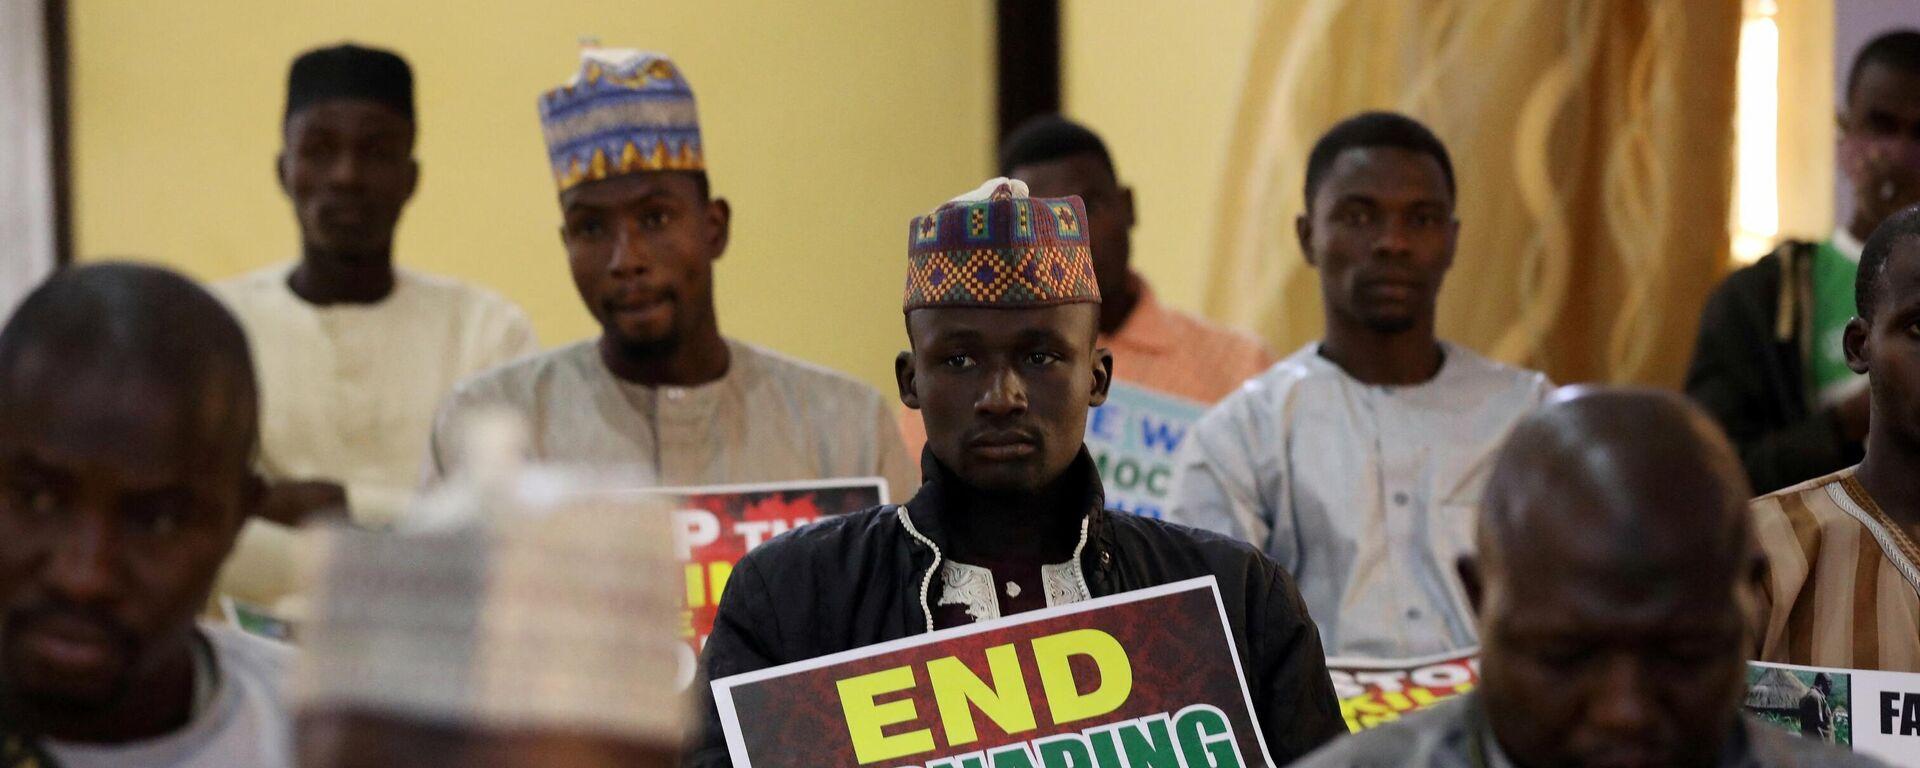 Anhänger der Koalition Nördlicher Gruppen (CNG) fordern die Regierung Nigerias auf, Hunderte entführte Kinder im Bundesstaat Katsina zu retten. 17. Dezember 2020 - SNA, 1920, 17.02.2021